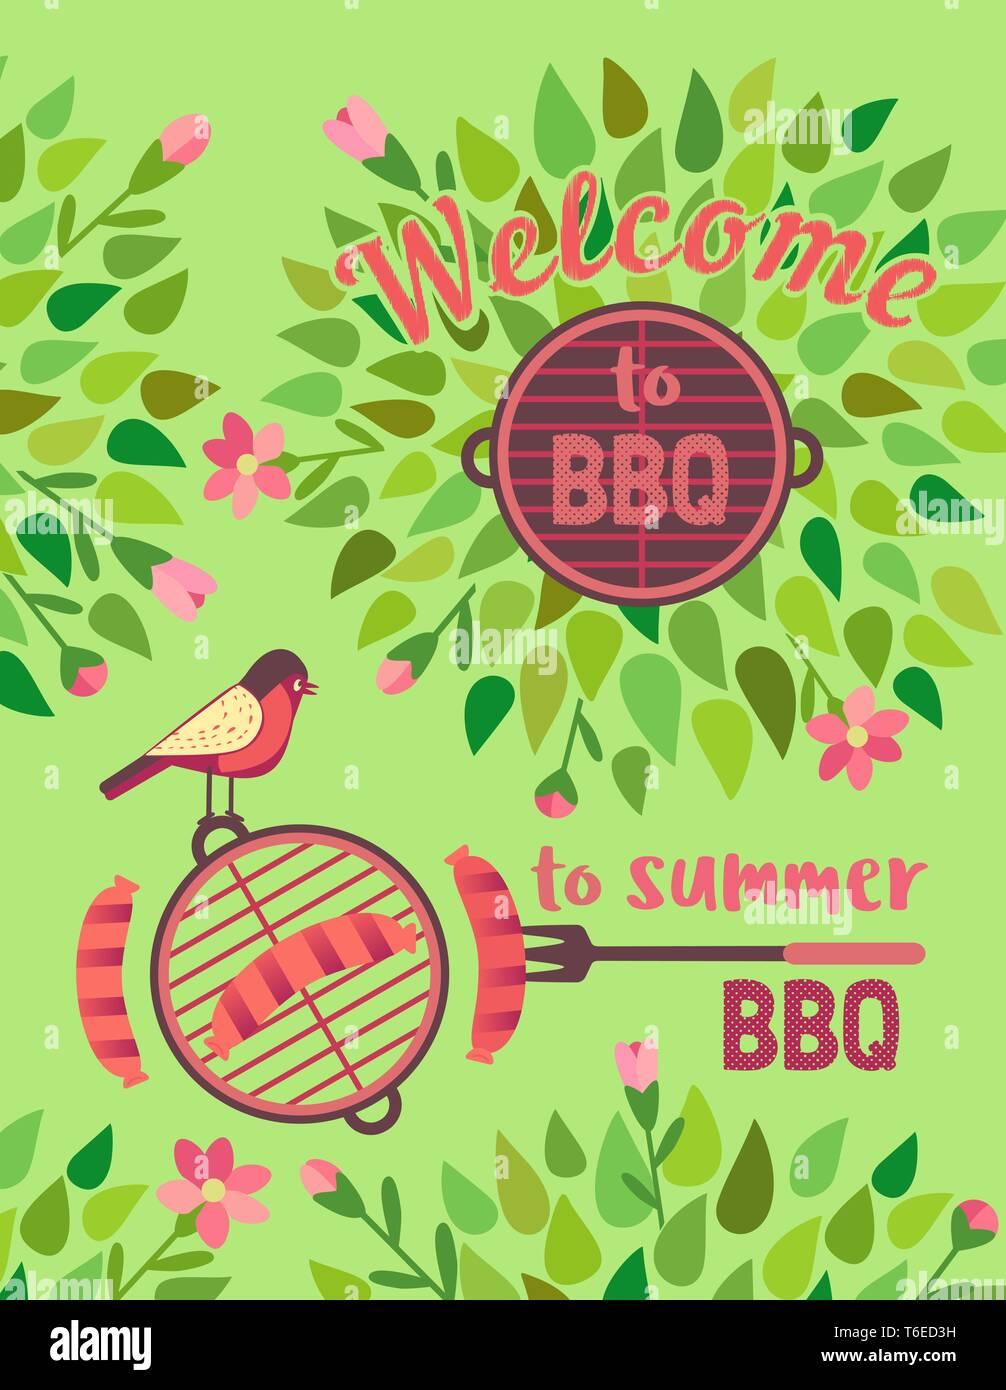 Picnic de verano con barbacoa vector cartel de bienvenida Imagen De Stock